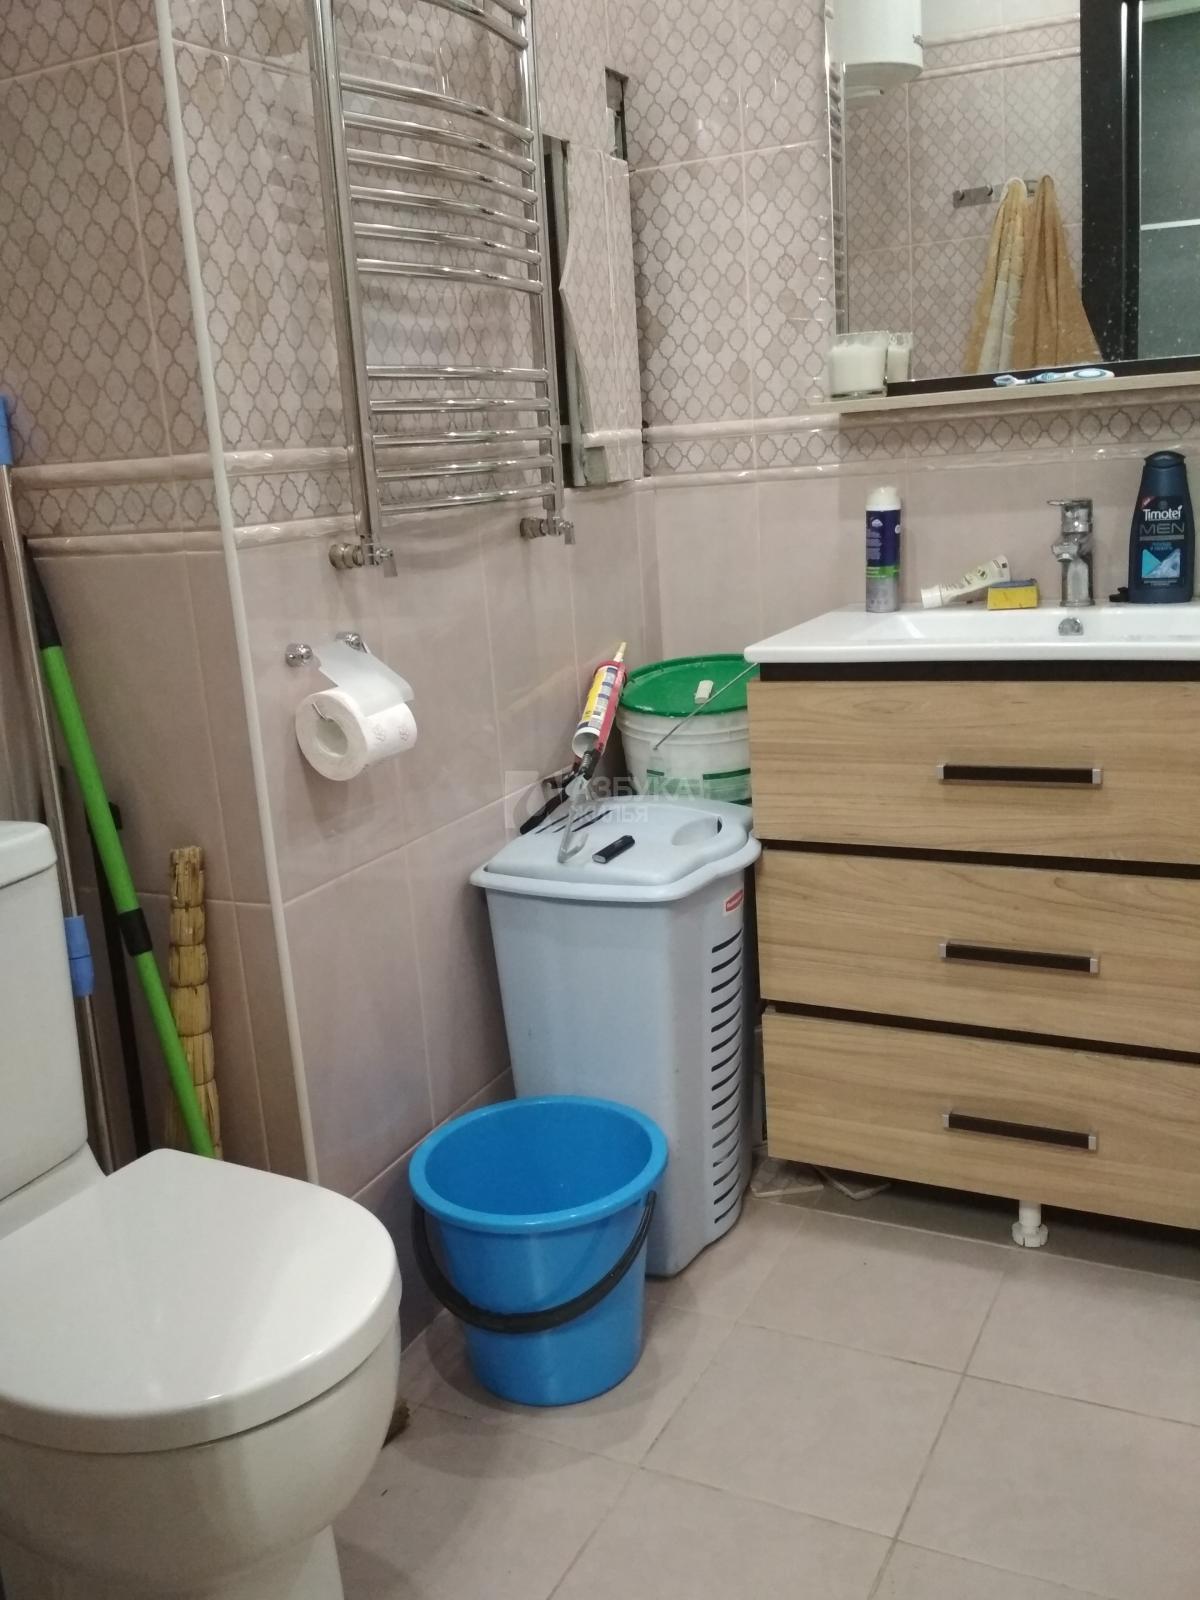 Фото №3 - 1-комнатная квартира, Москва, Старокоптевский переулок 8 корпус А, метро Коптево